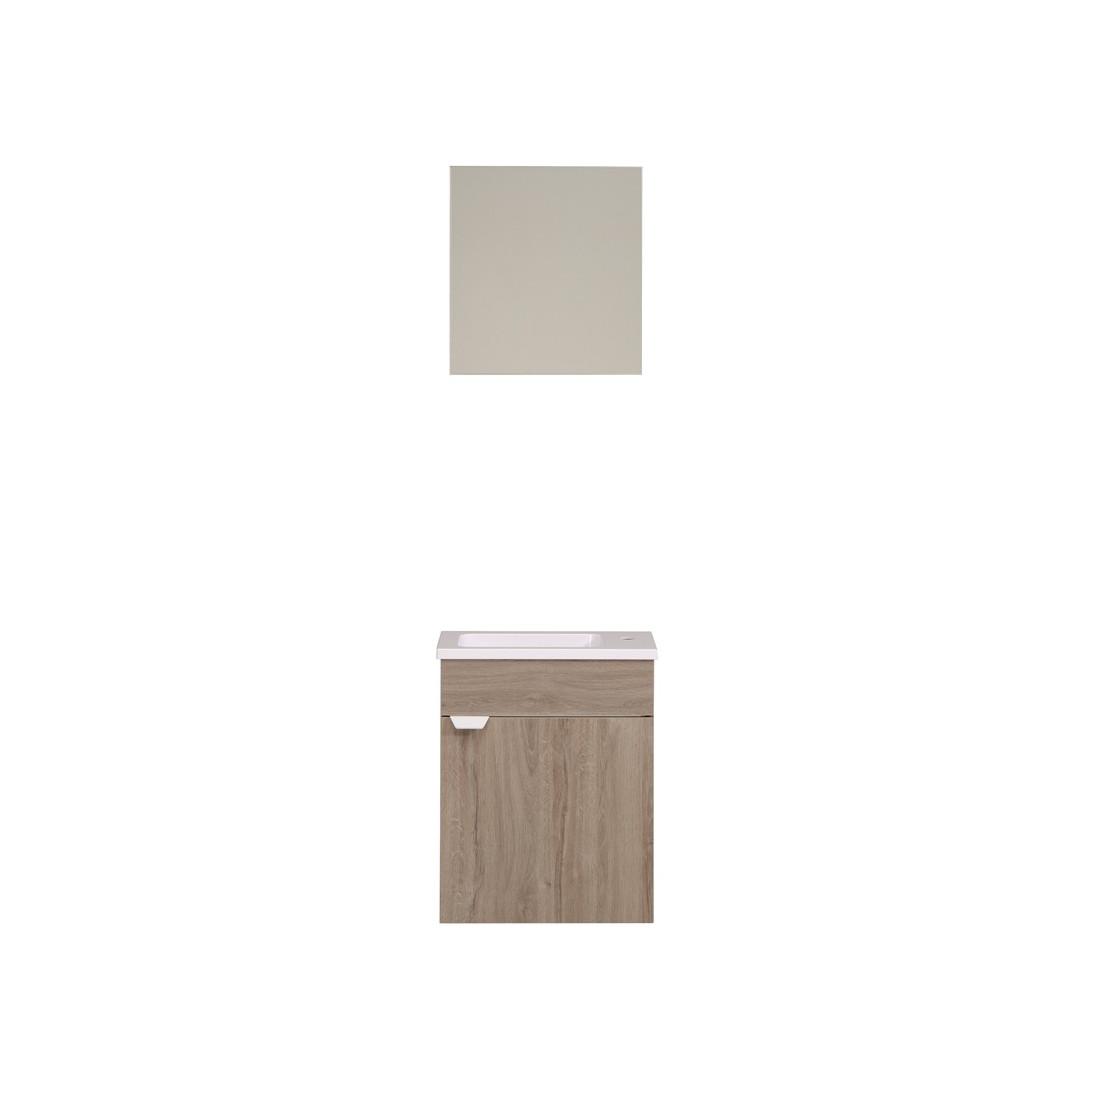 Meuble lave mains pour wc uriel n 3 univers salle de bain - Lave main meuble wc ...